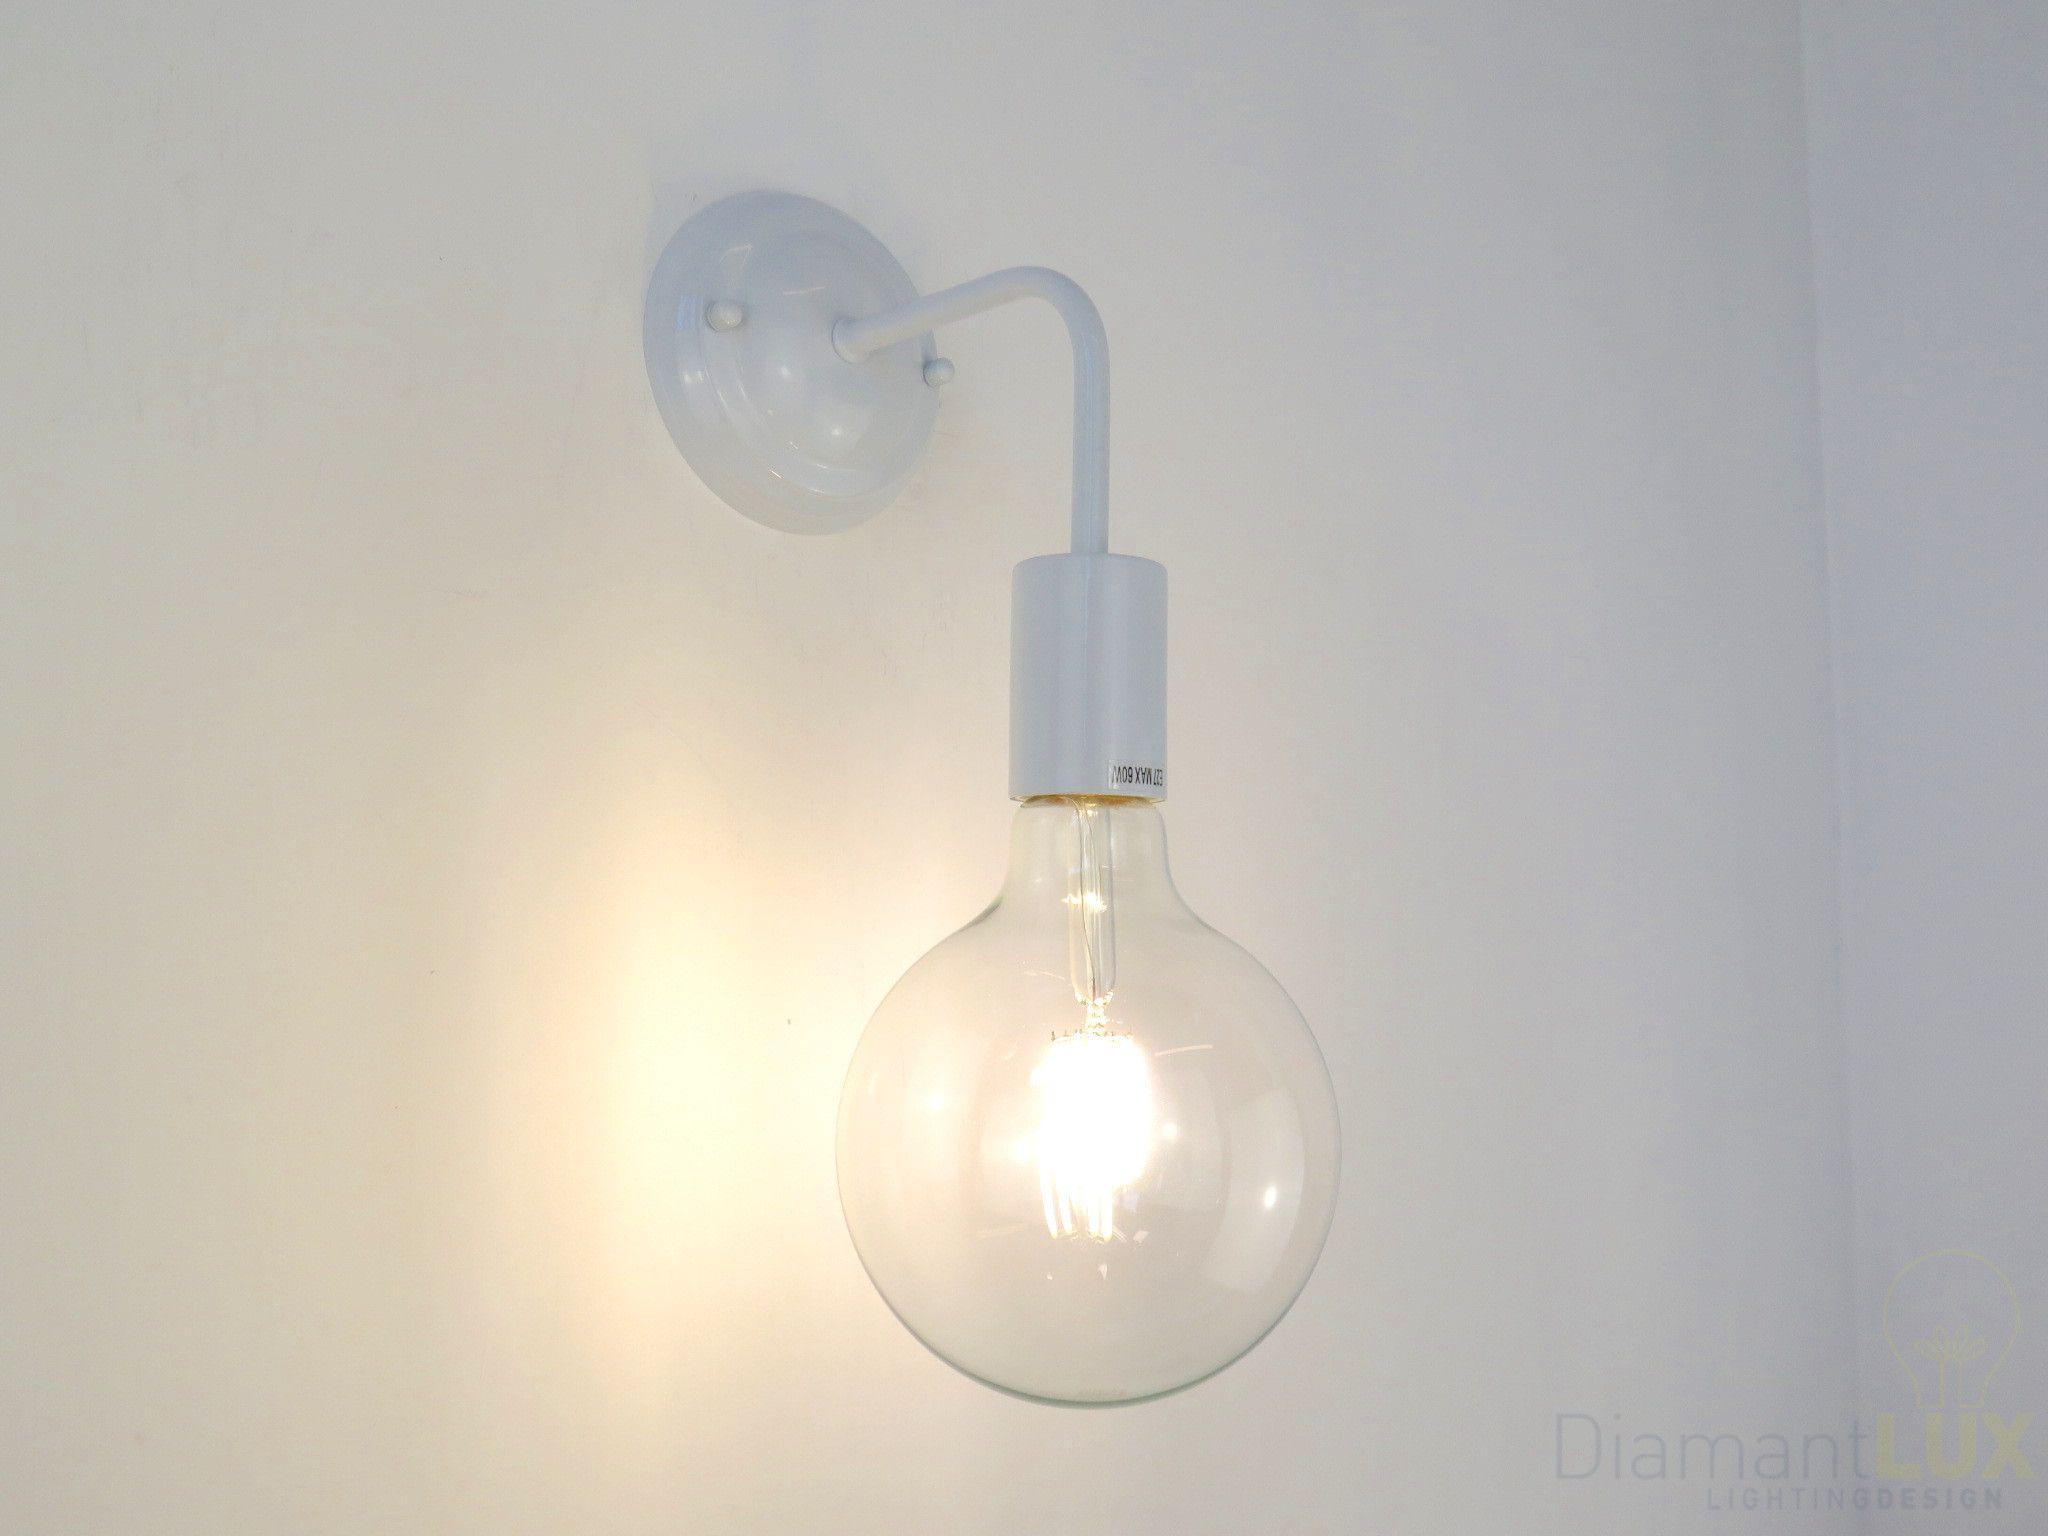 Illuminazione Bagno A Parete applique led molto luminoso di design moderno per camera da